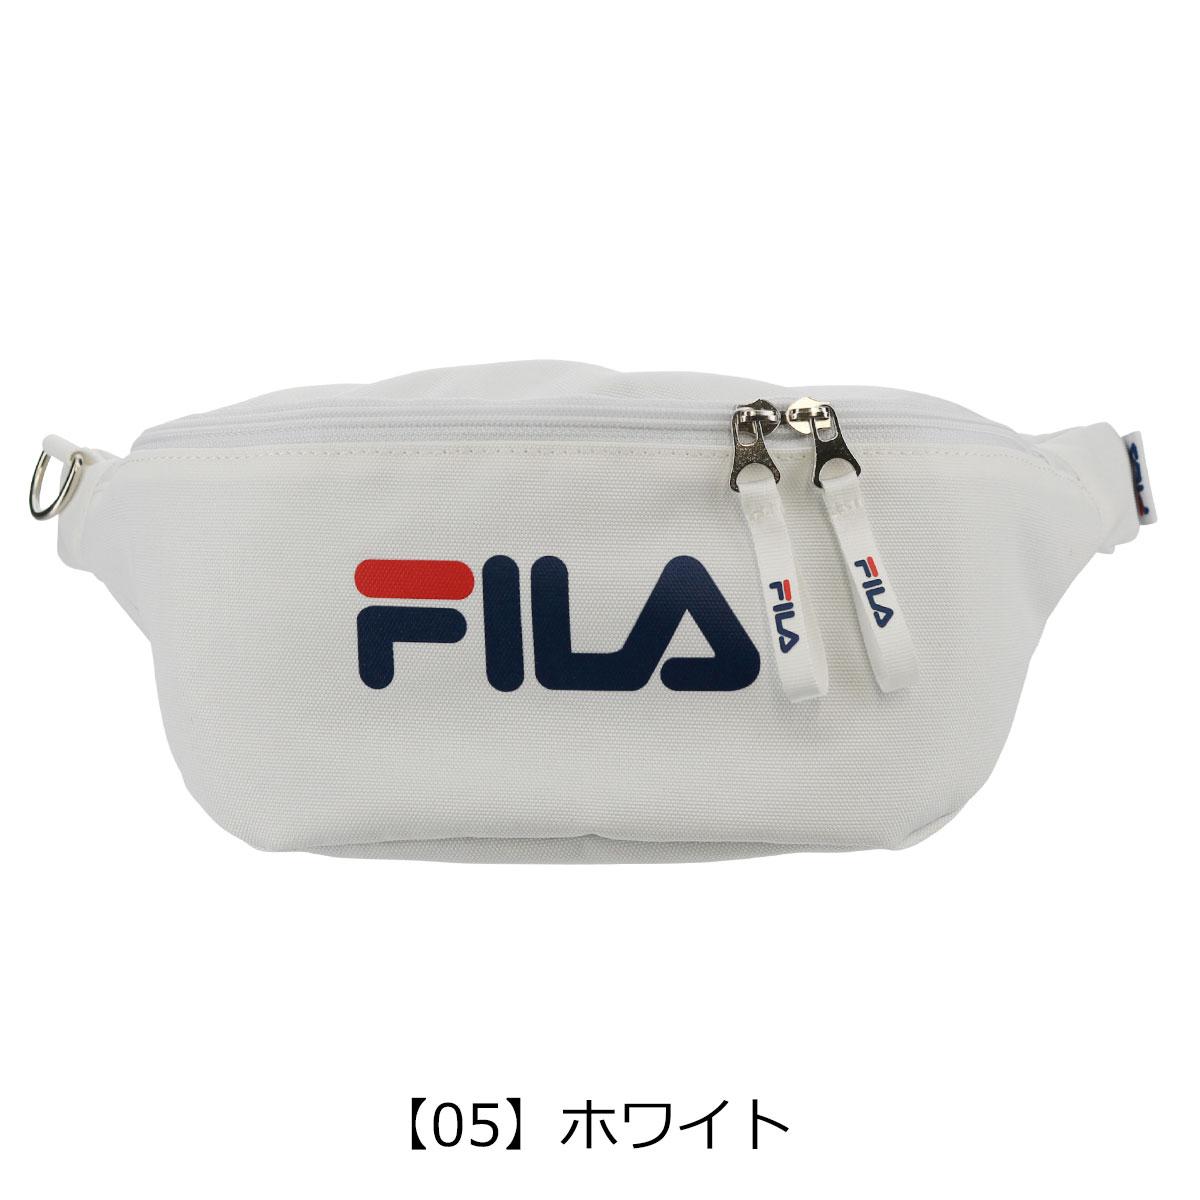 【05】ホワイト